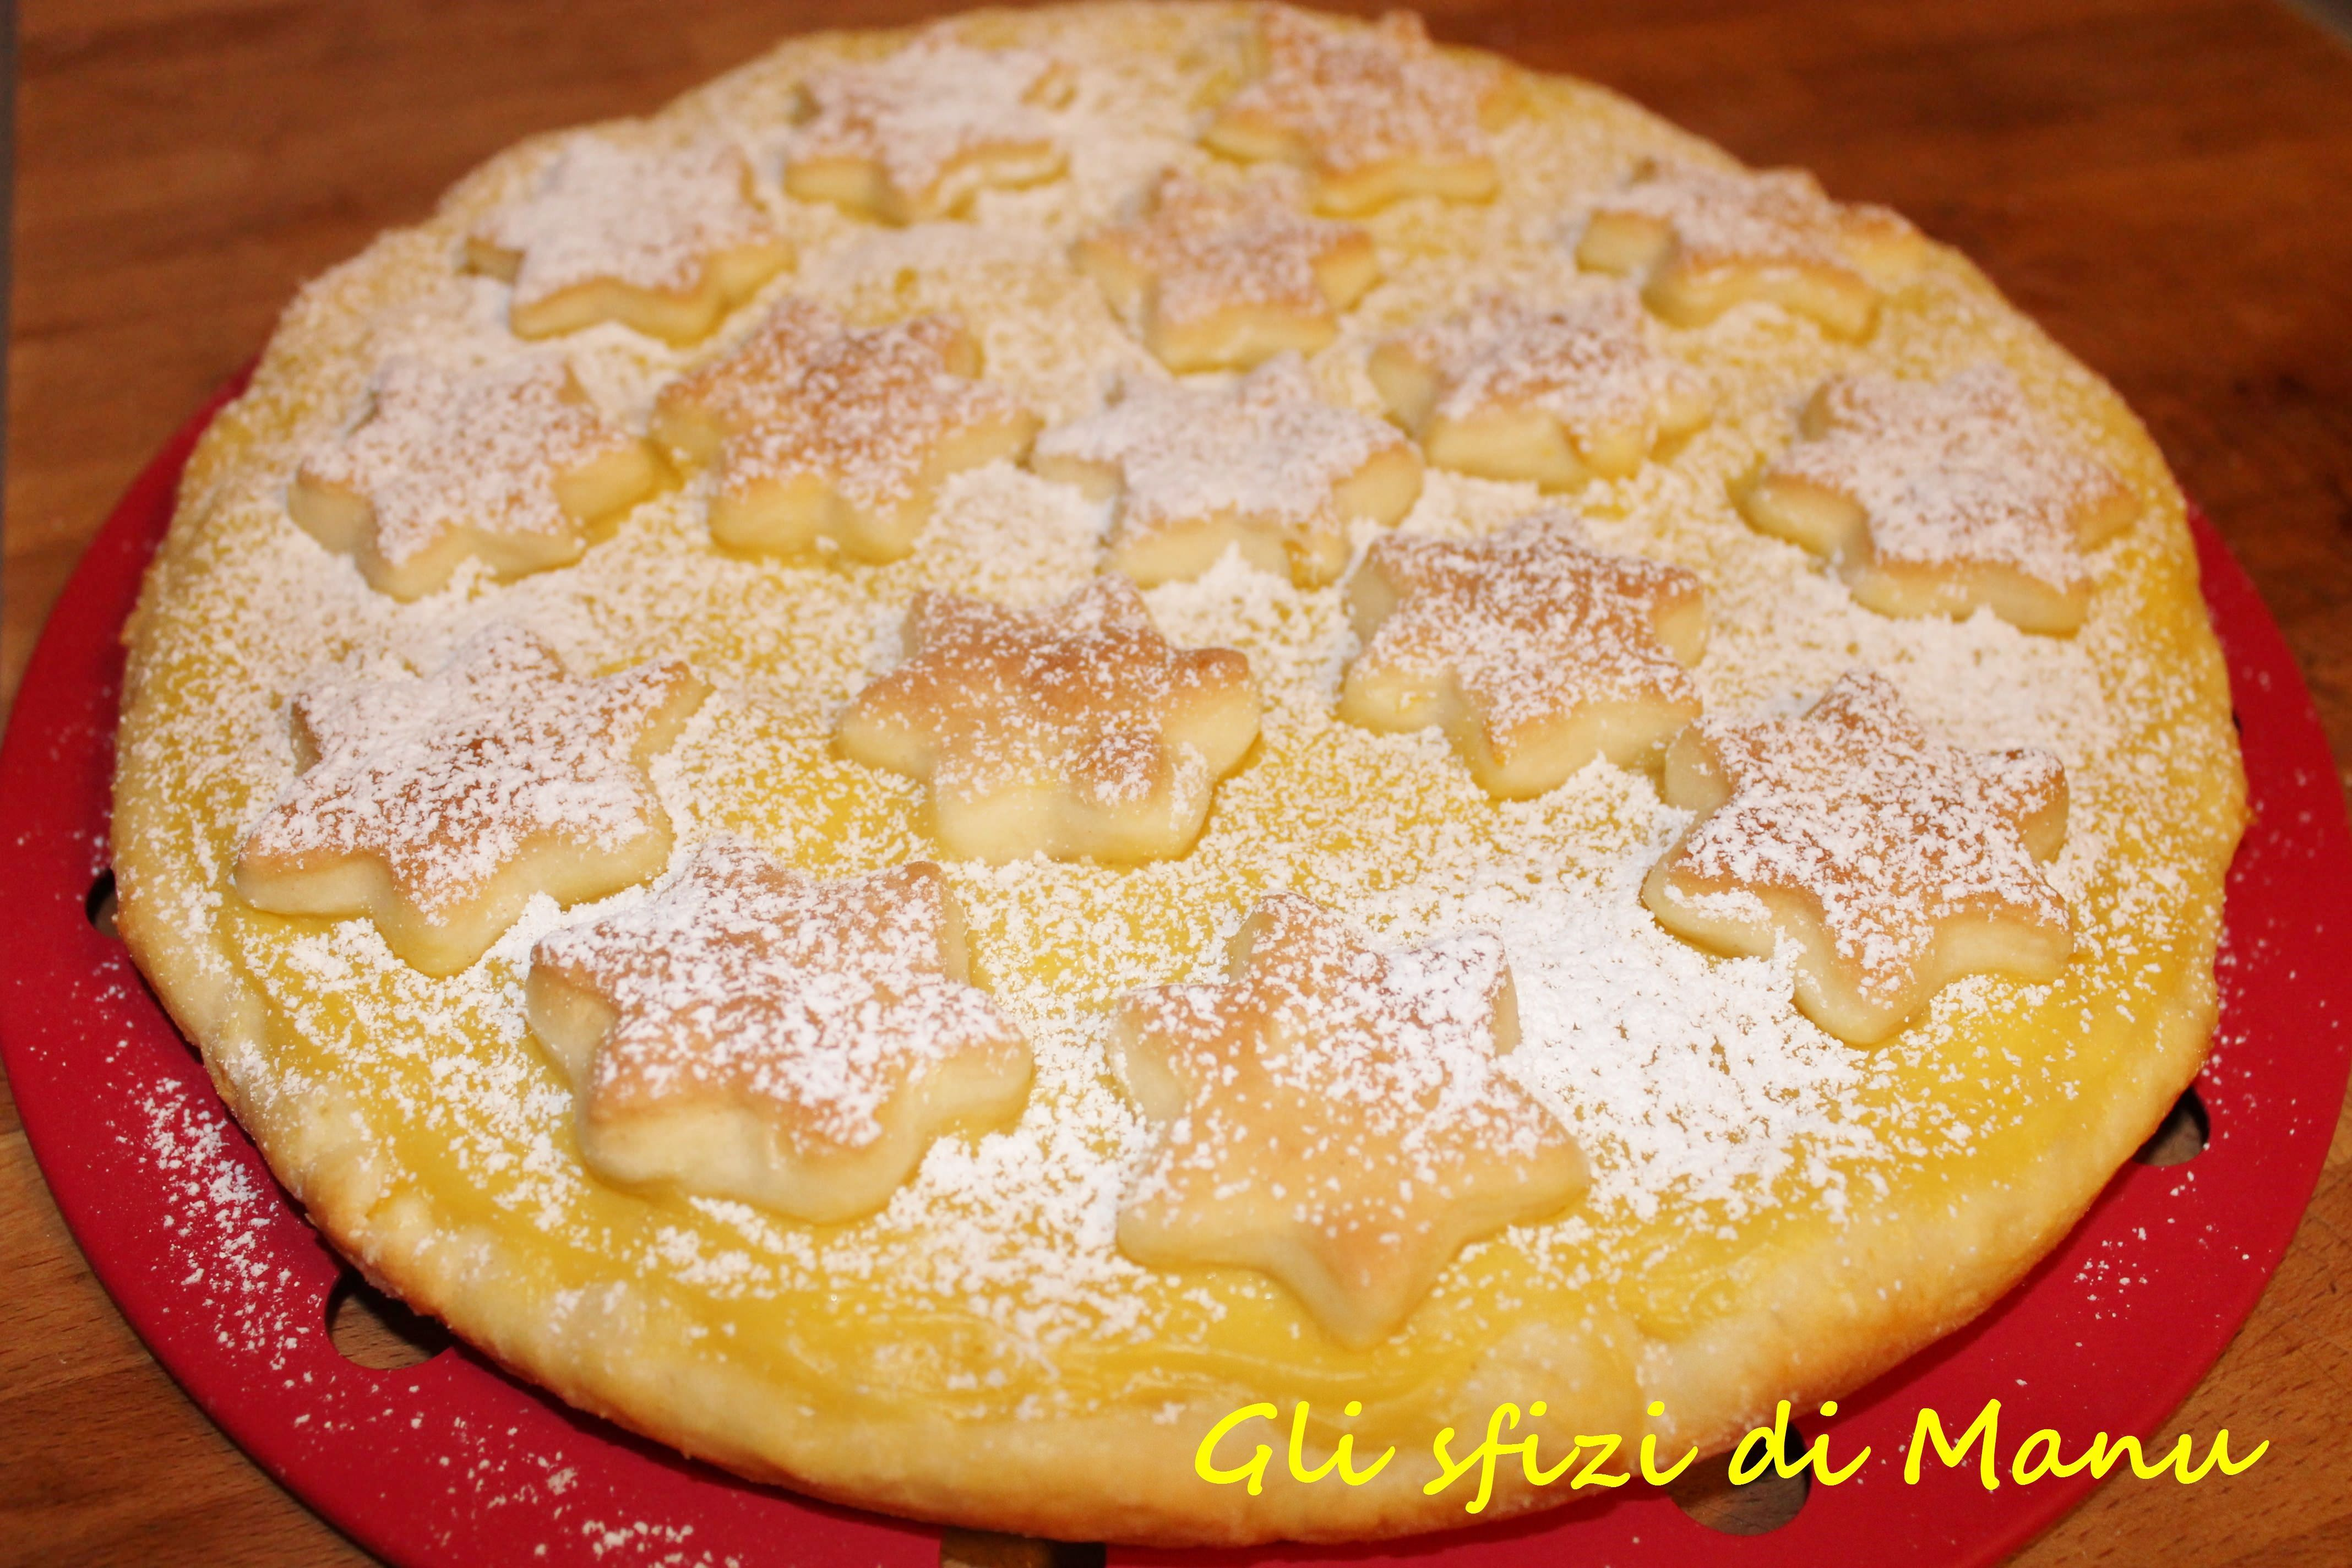 pan di yogurt con crema cotta al limone